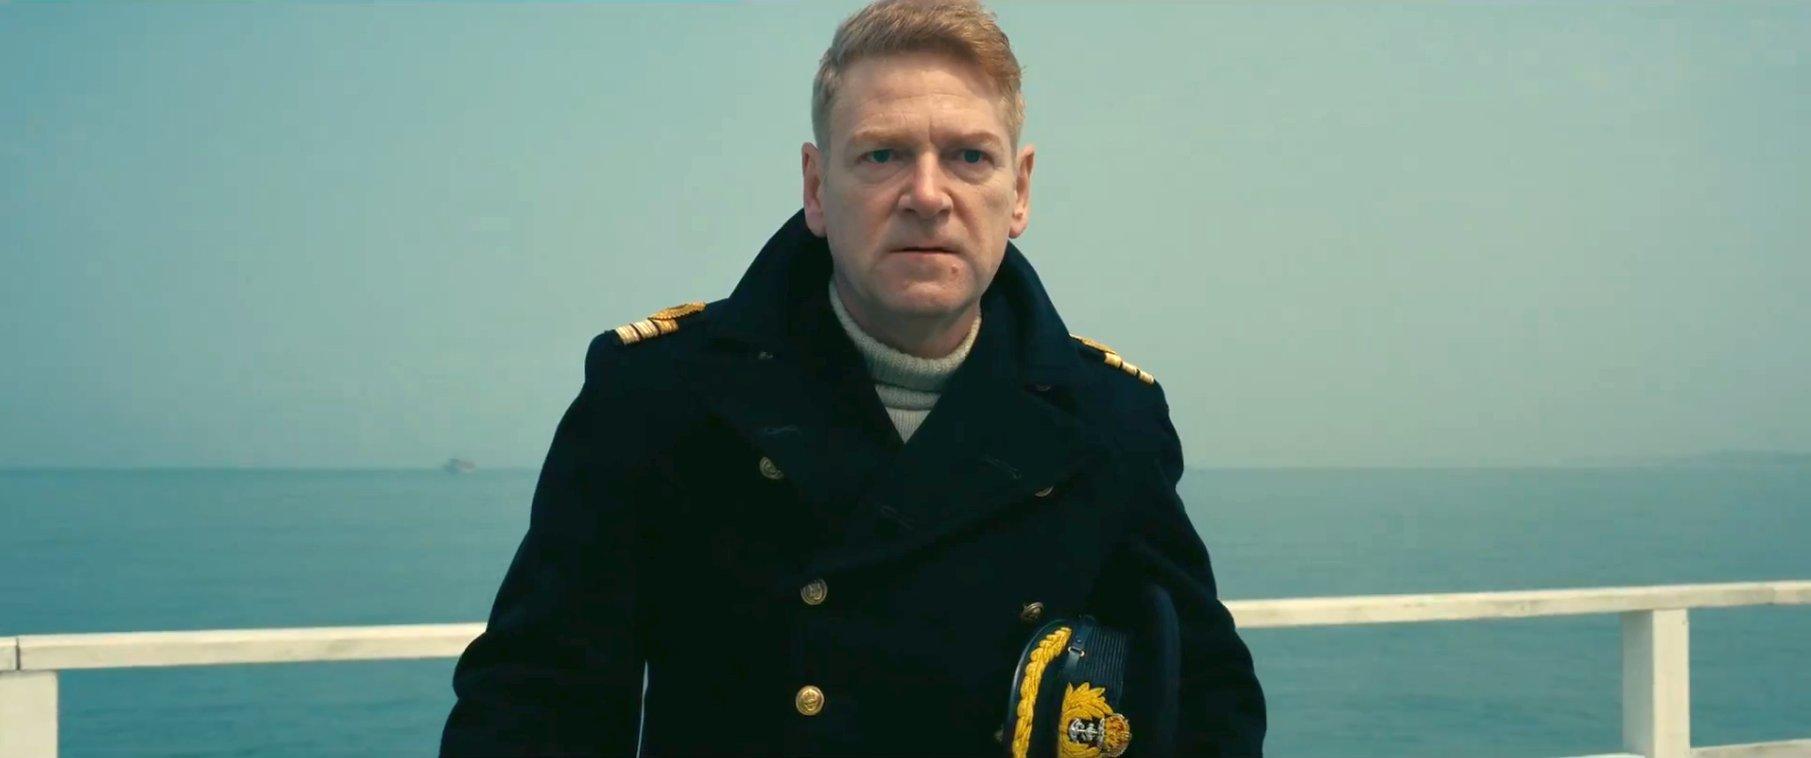 New Dunkirk Trailer Revealed